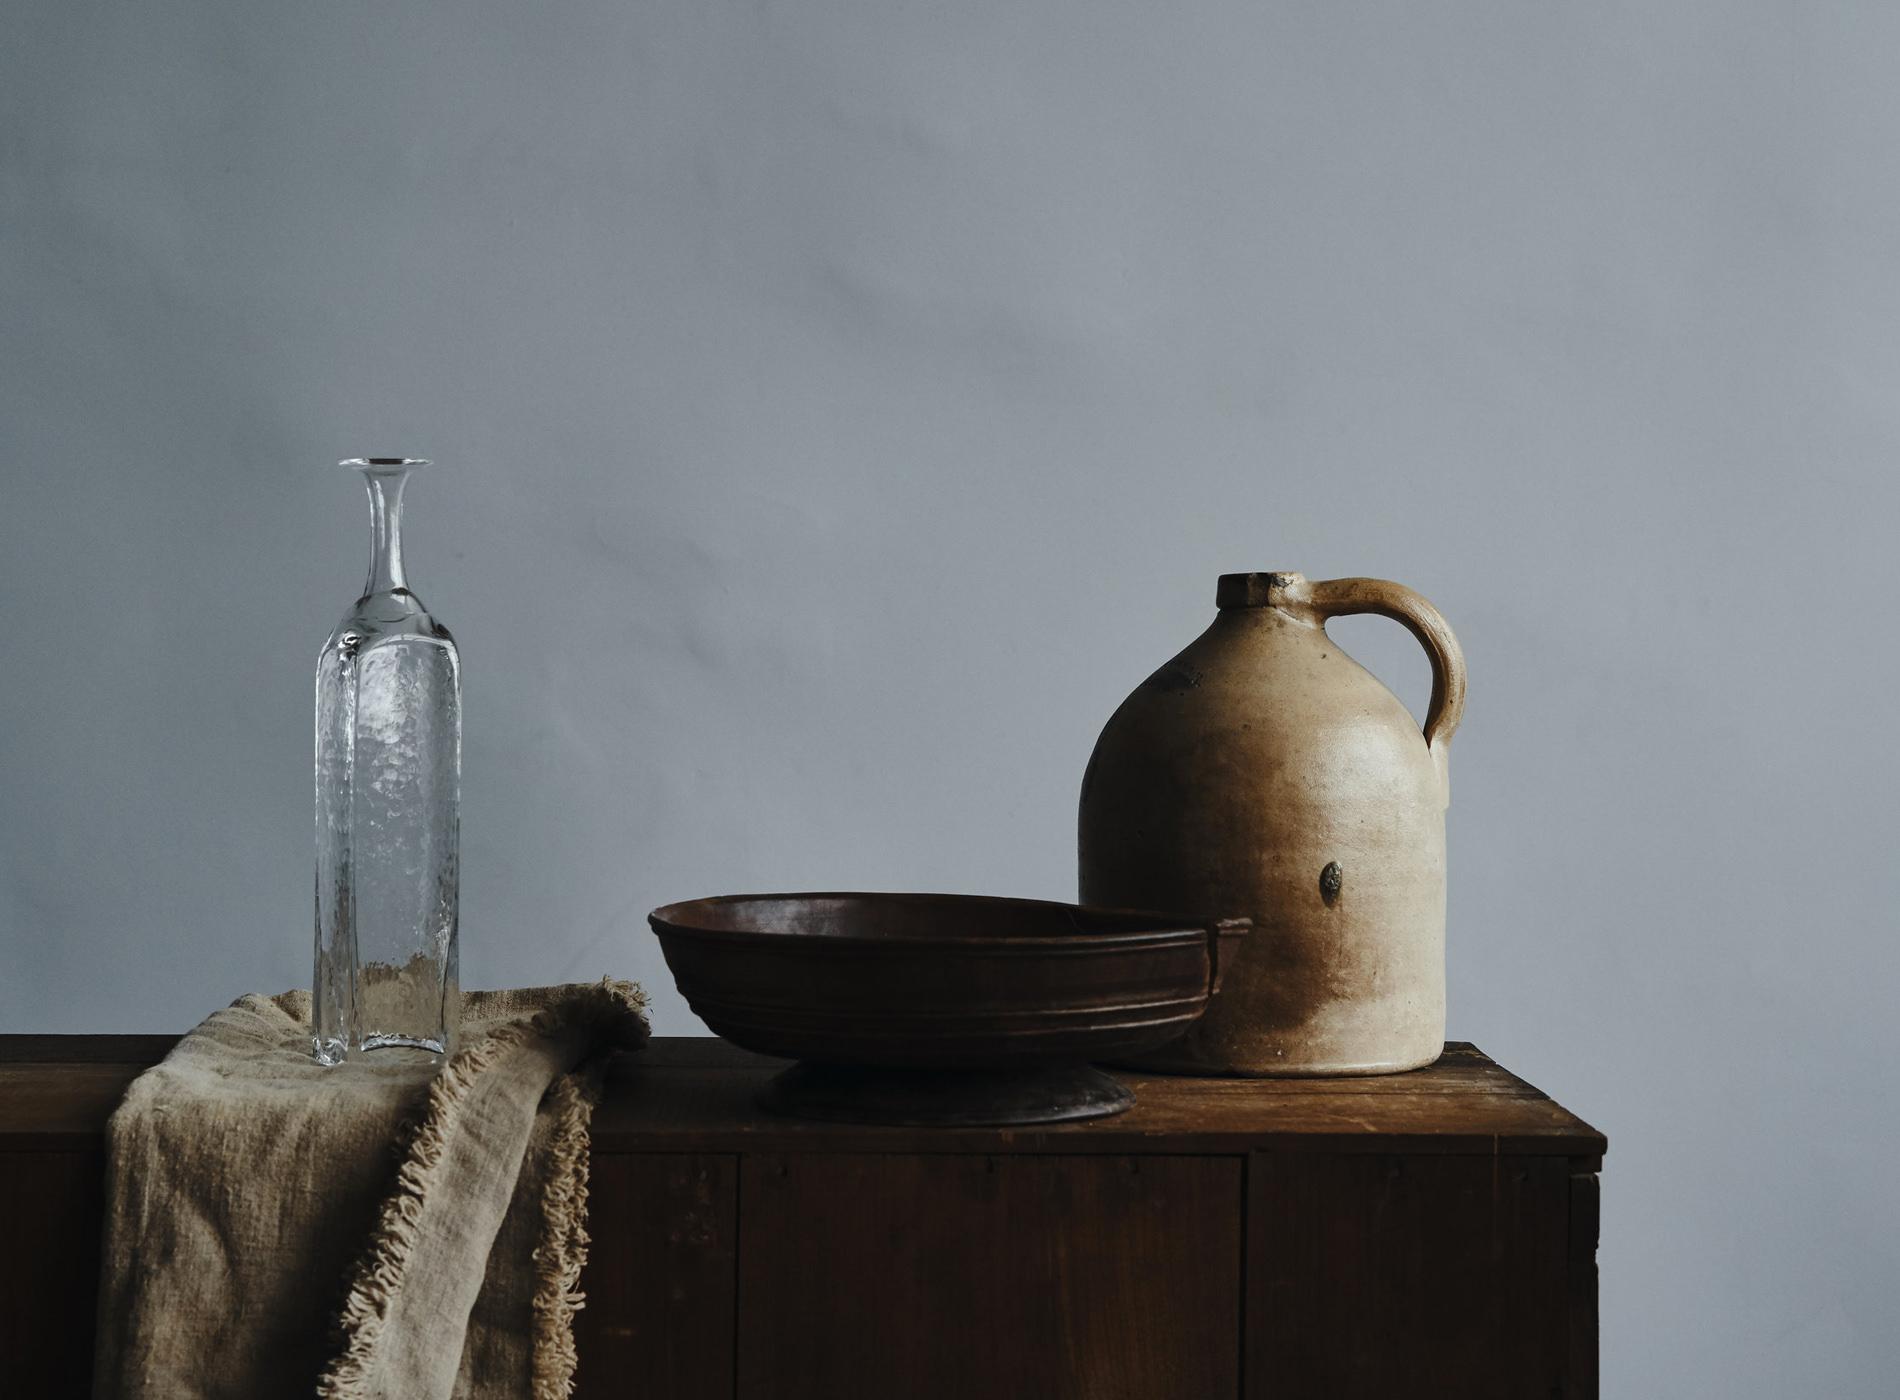 Adrian Gaut Photographie Roman & Williams Guild